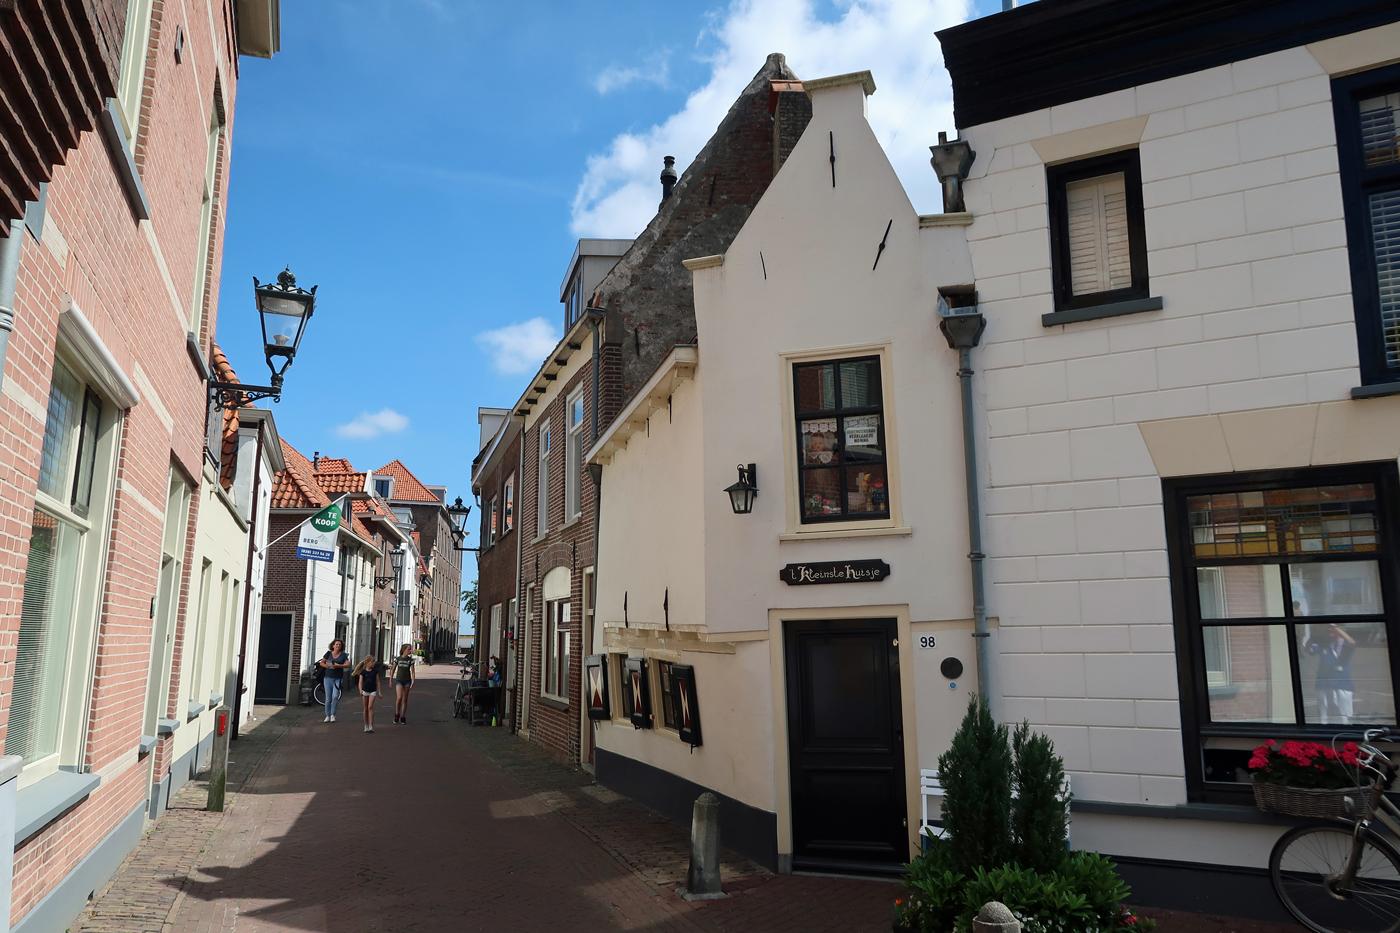 Das Kleinste Haus in Kampen kann besichtigt werden